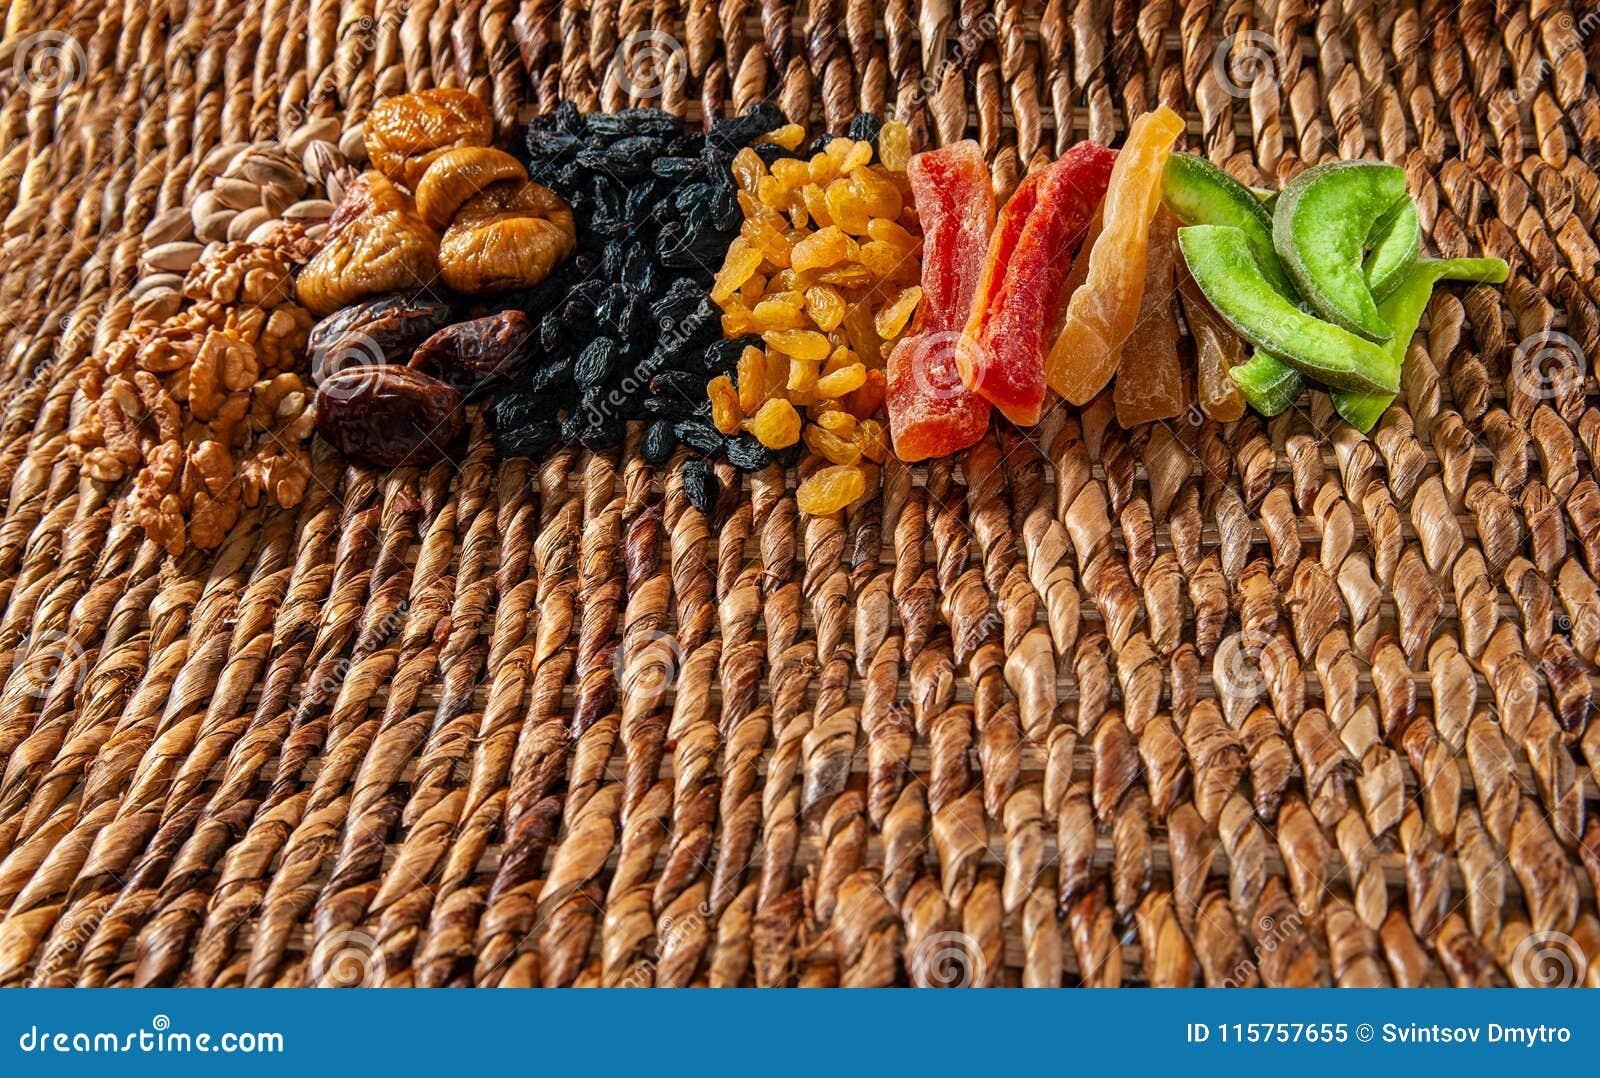 Trockenfrüchte-, nuts und kandiertefrüchte streuten eine Weidenoberfläche aus